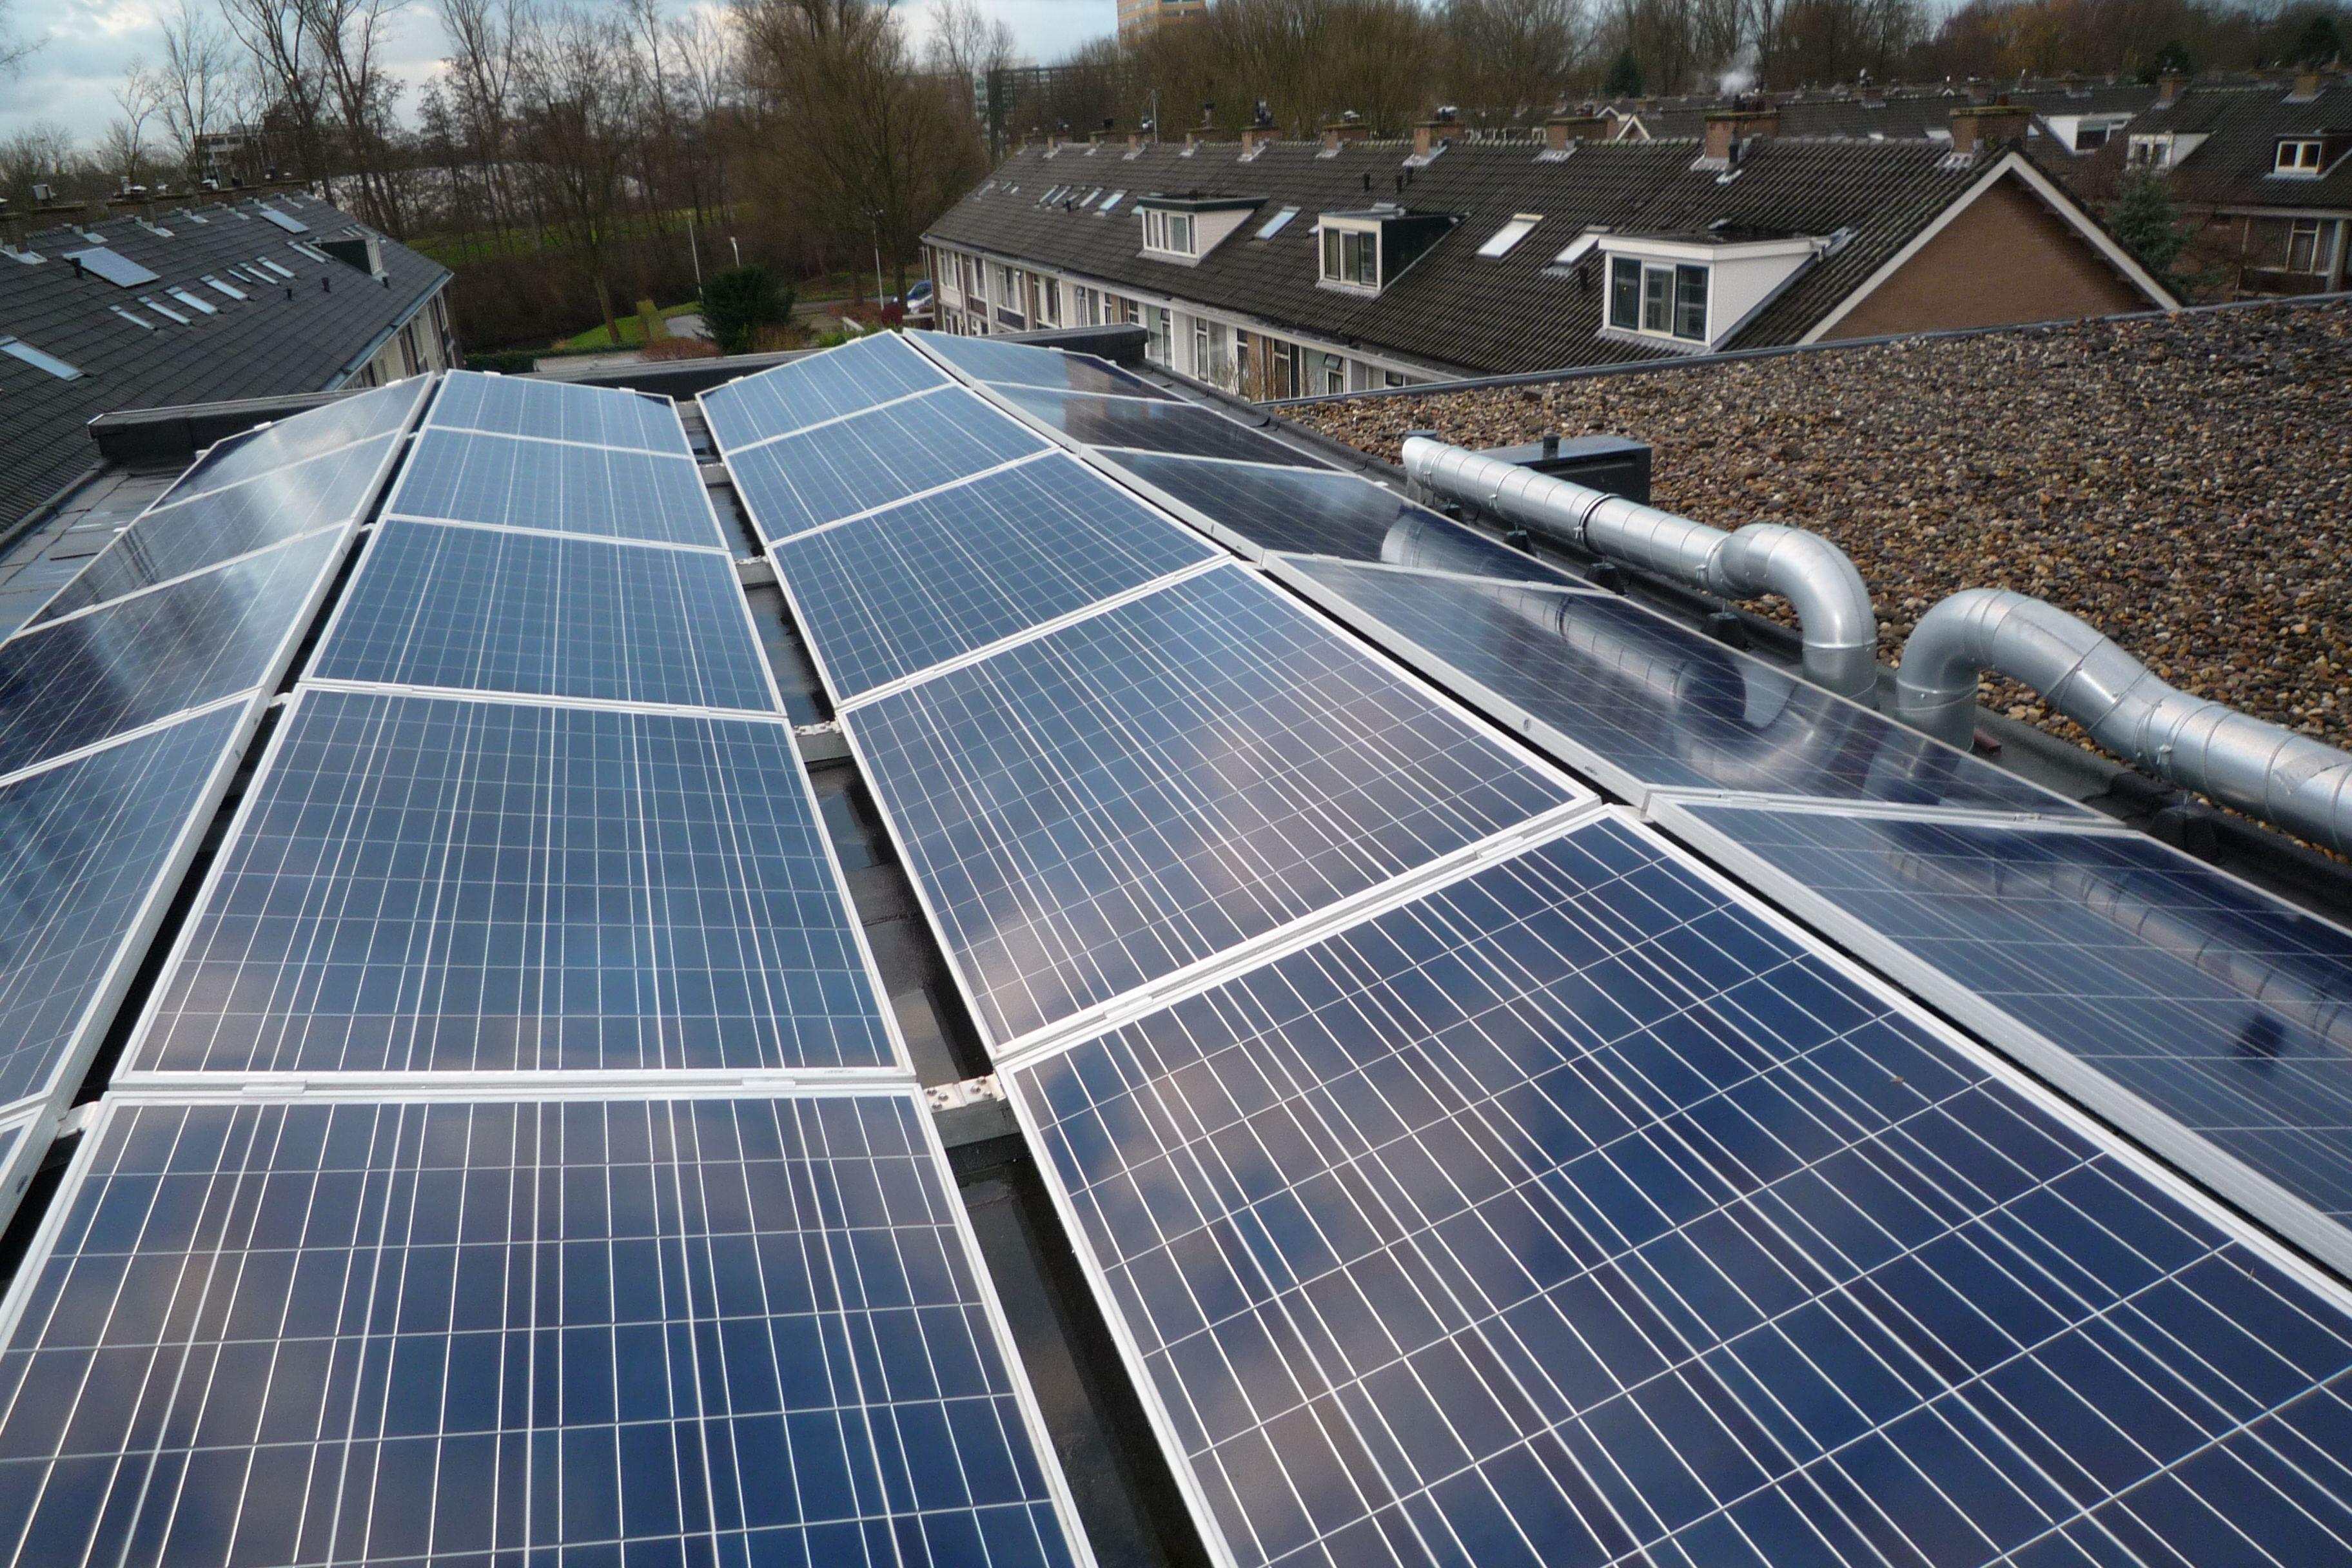 Praktijkonderzoek 'De Energieproeftuin' in Zwolle